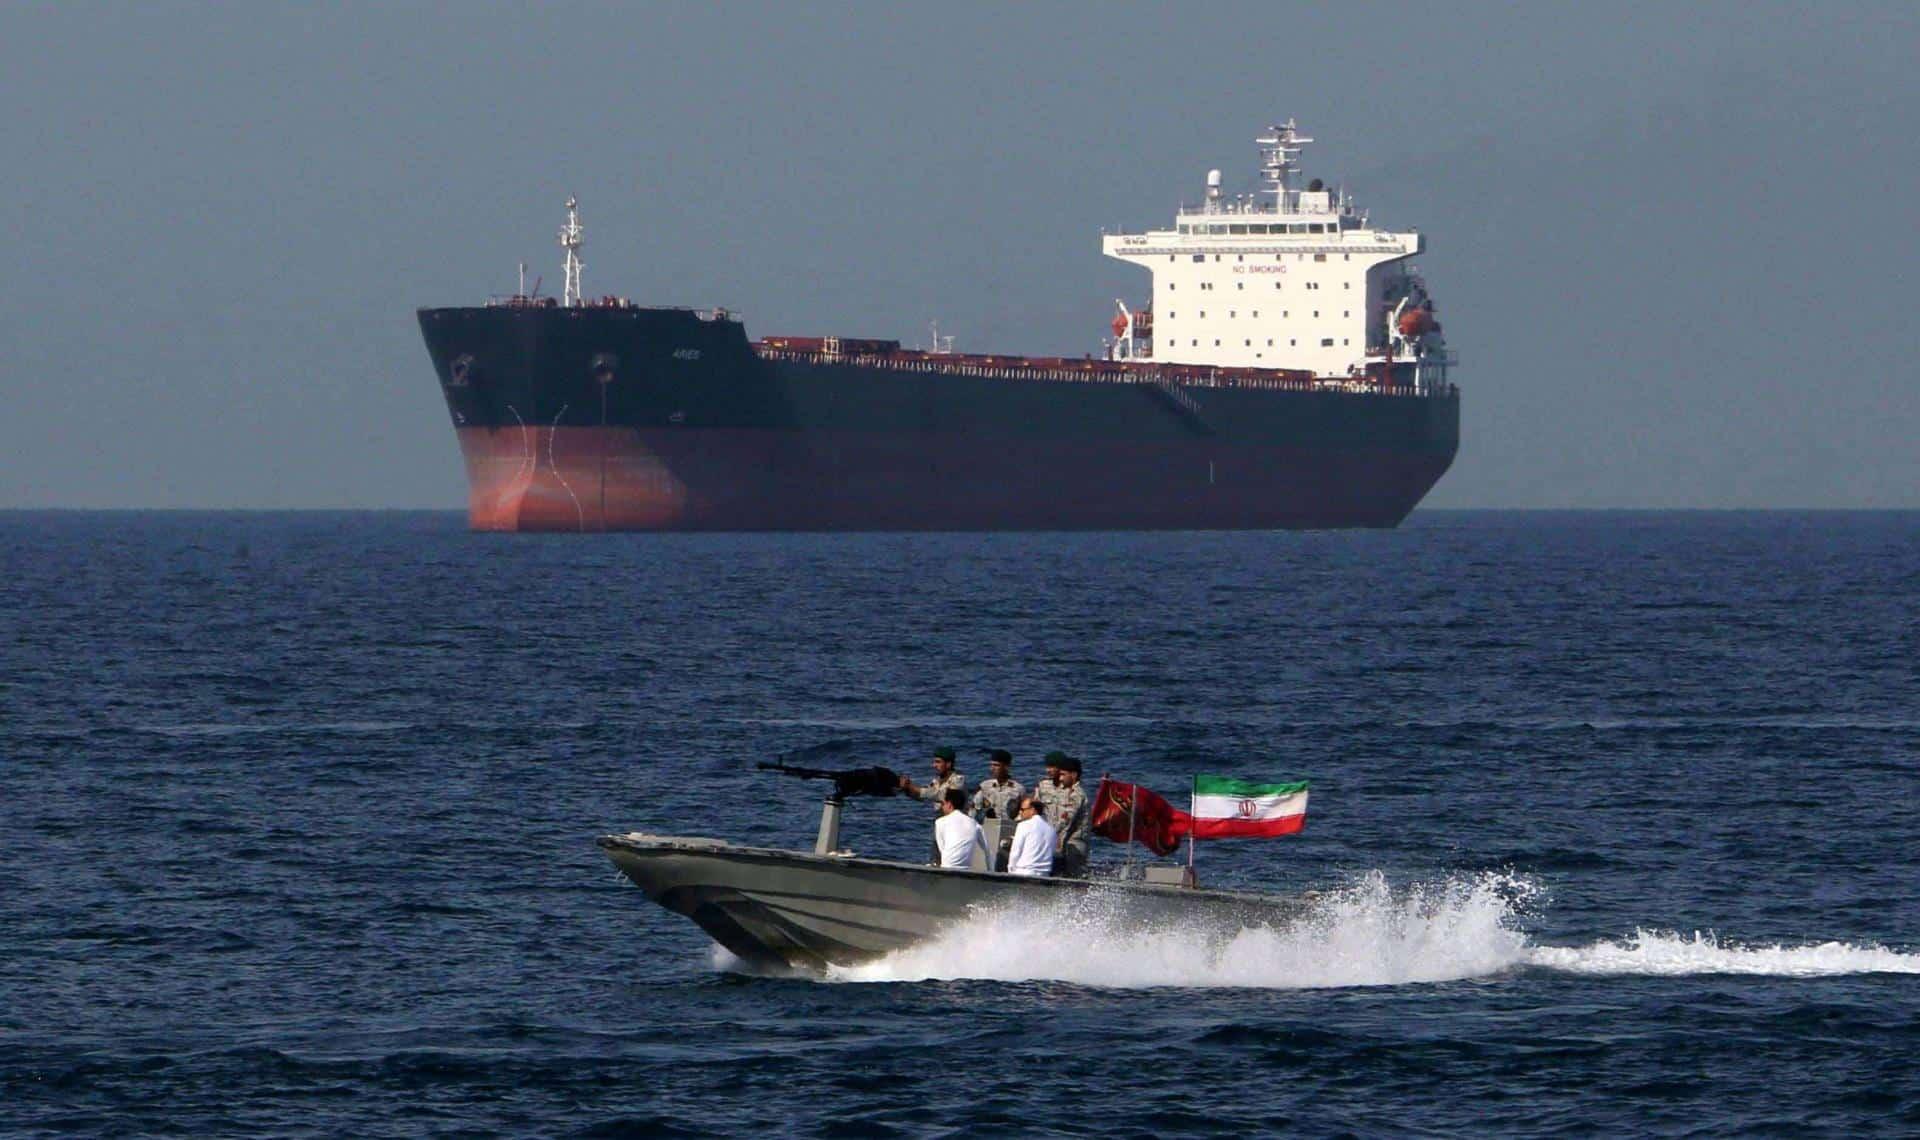 تسريبات أمريكية حول عمليات سرية ضد إيران تغضب إسرائيل